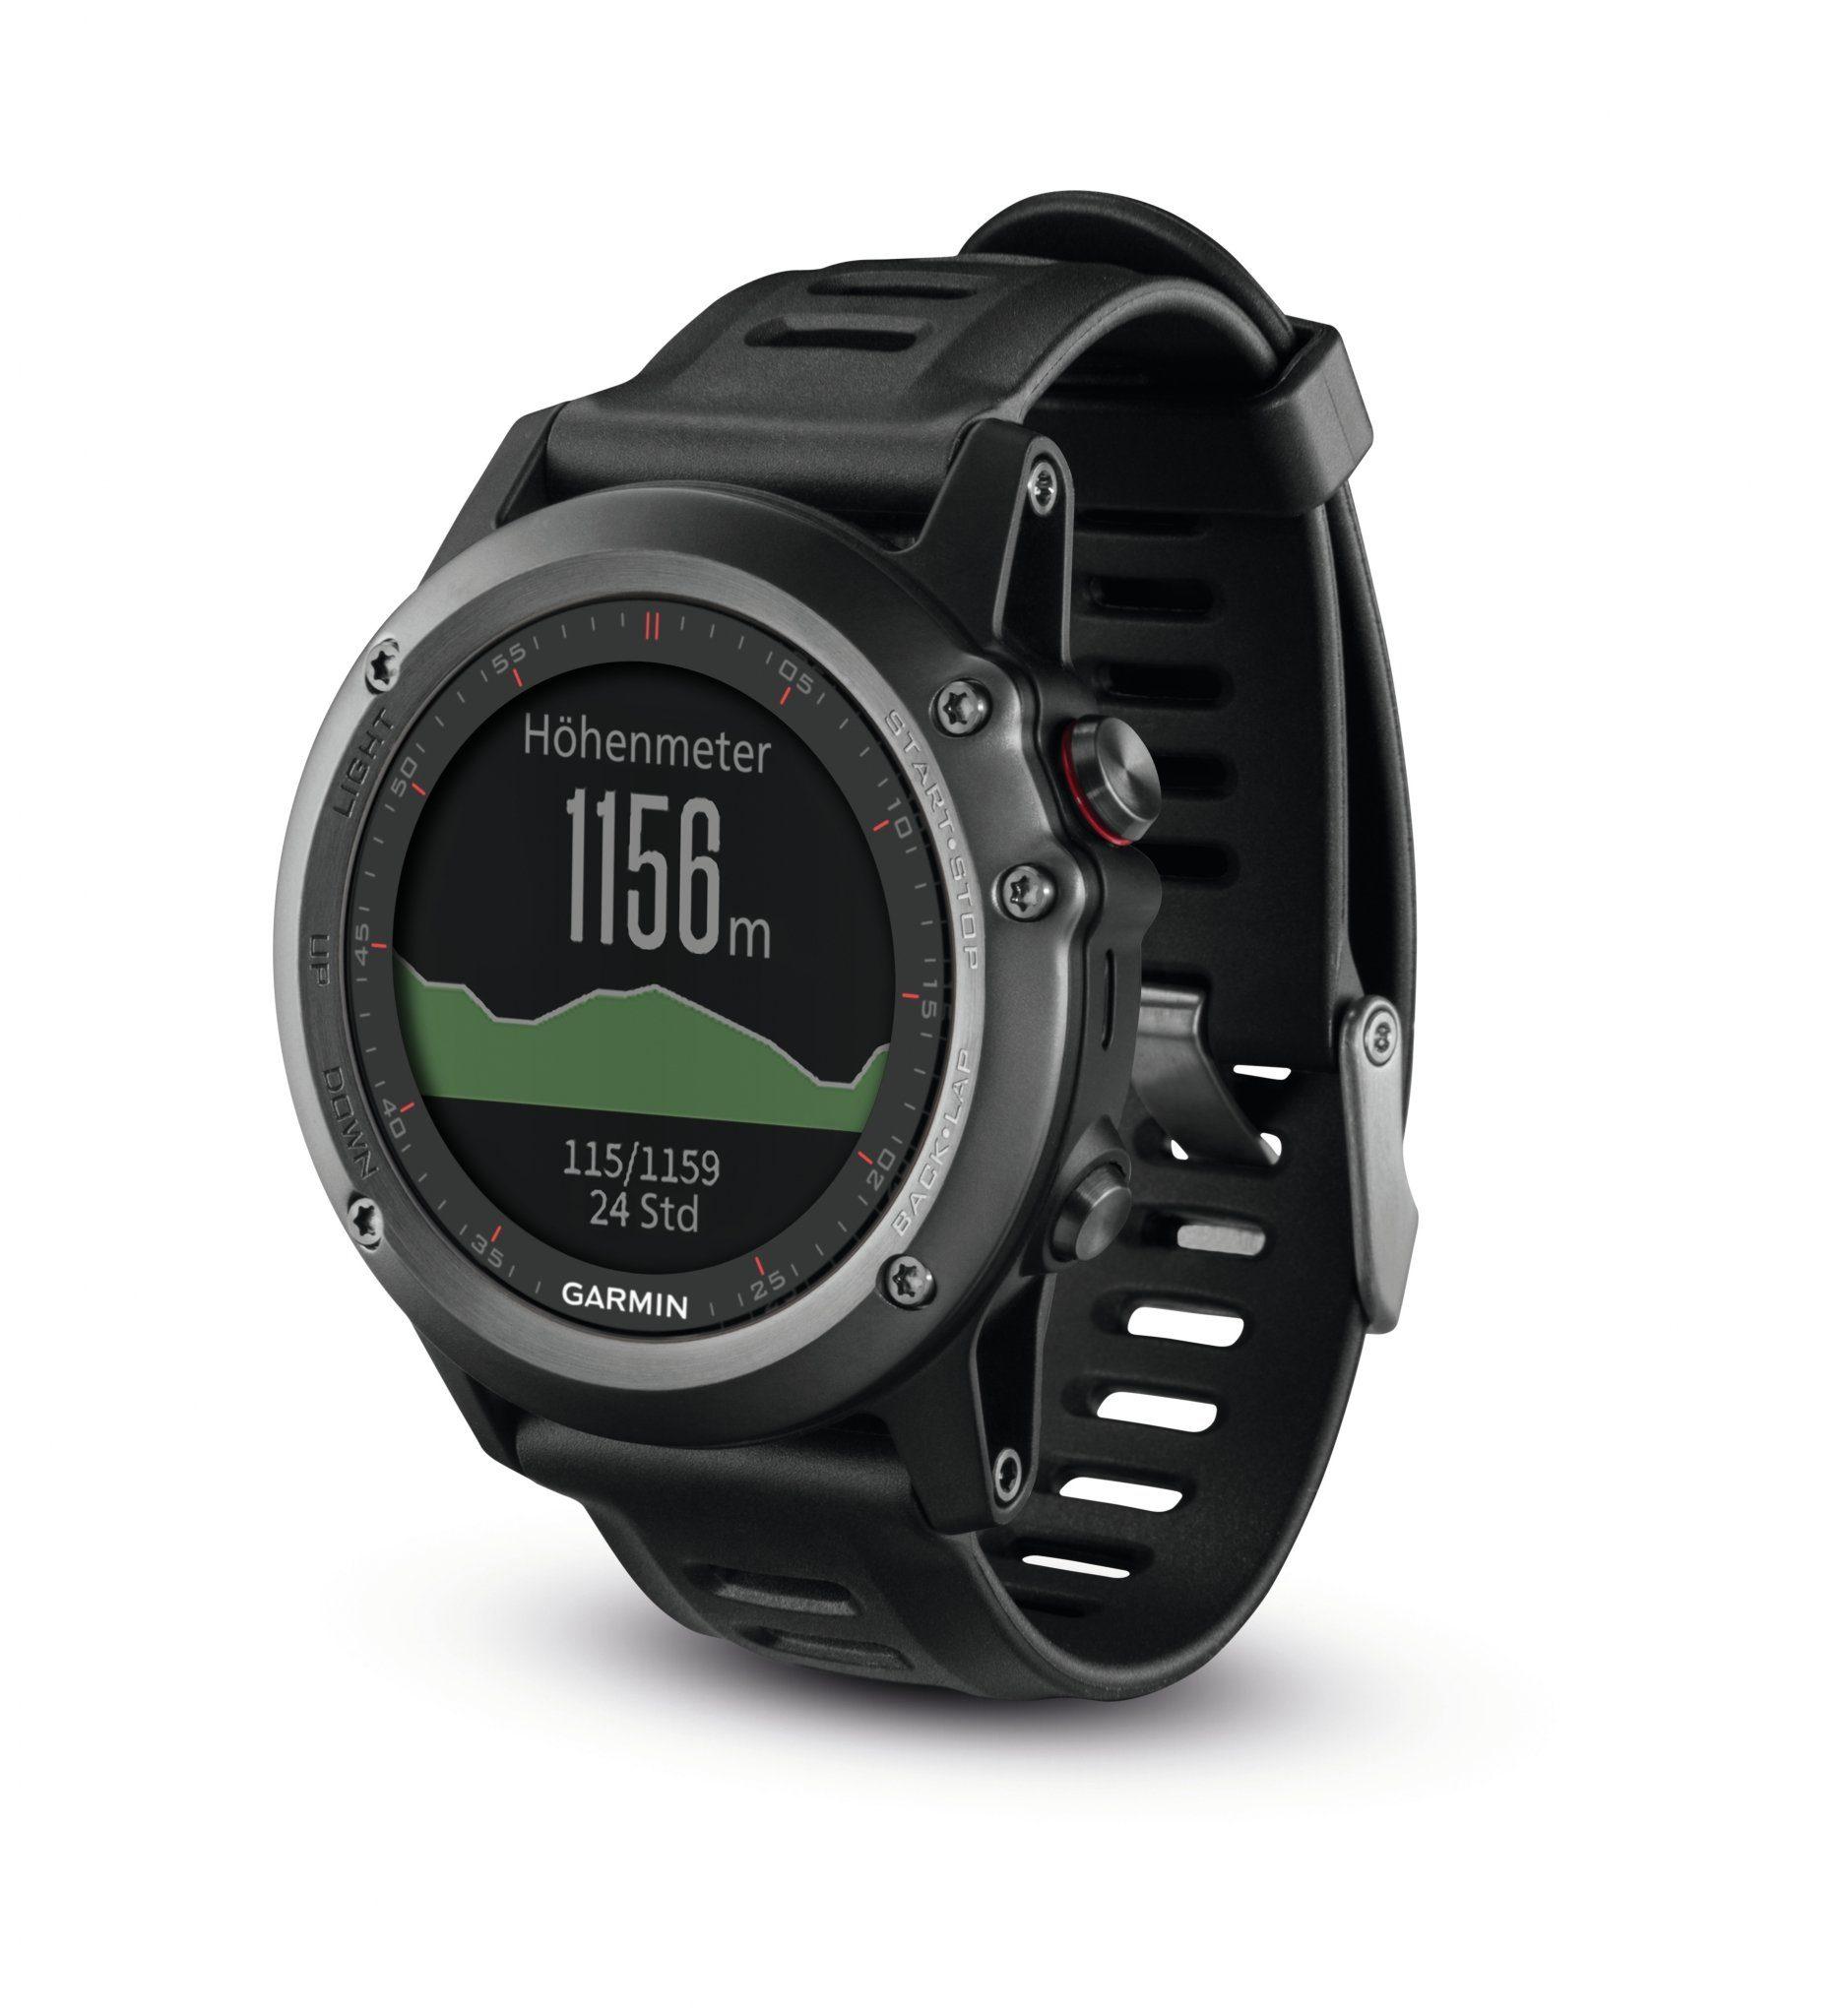 Garmin Sportuhr »Fenix 3 GPS Multisportuhr«